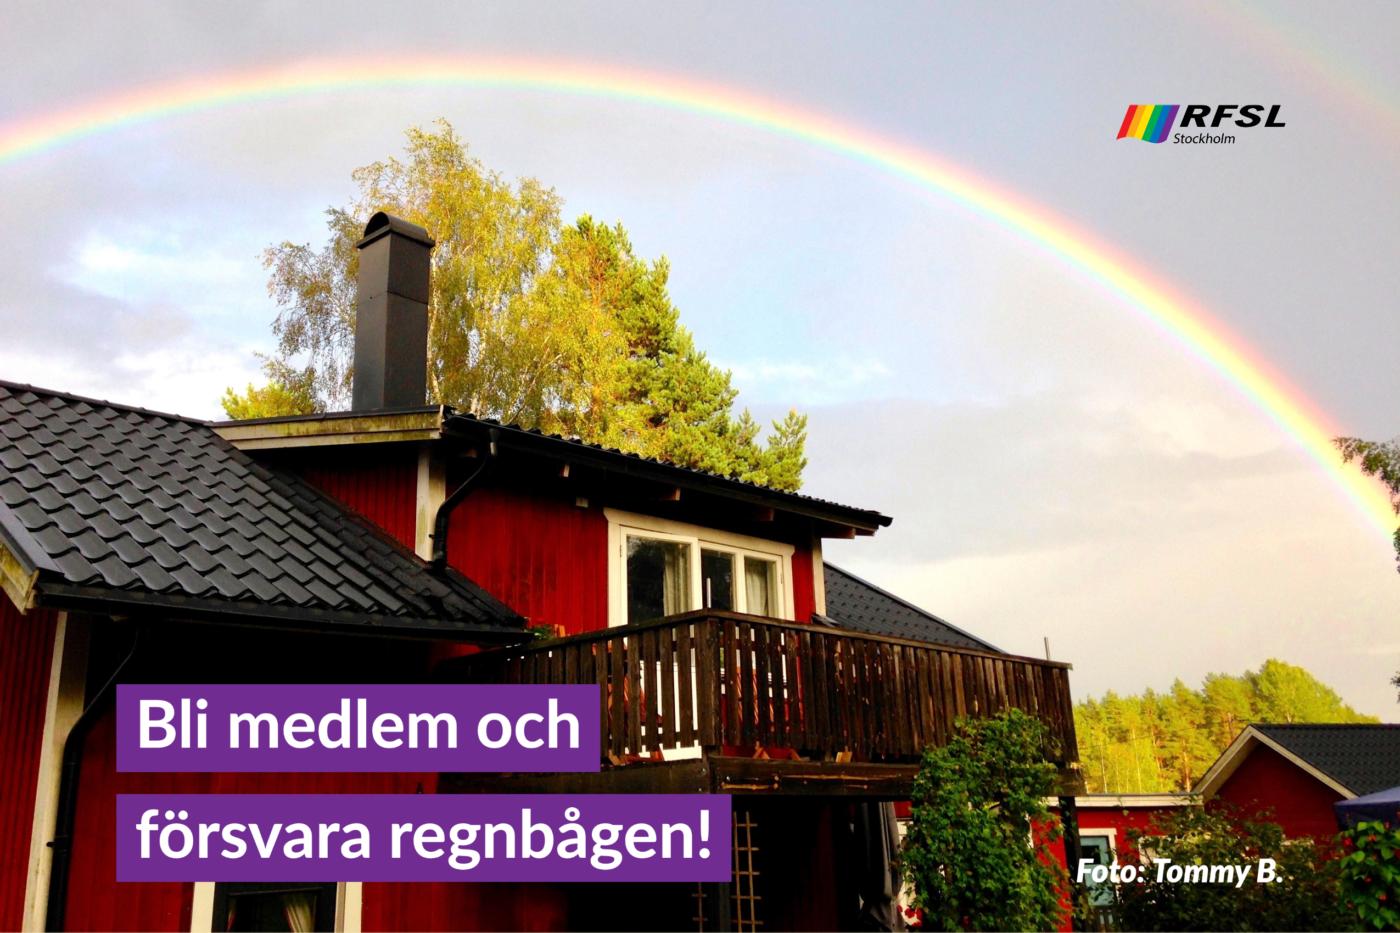 Bli medlem och försvara regnbågen!